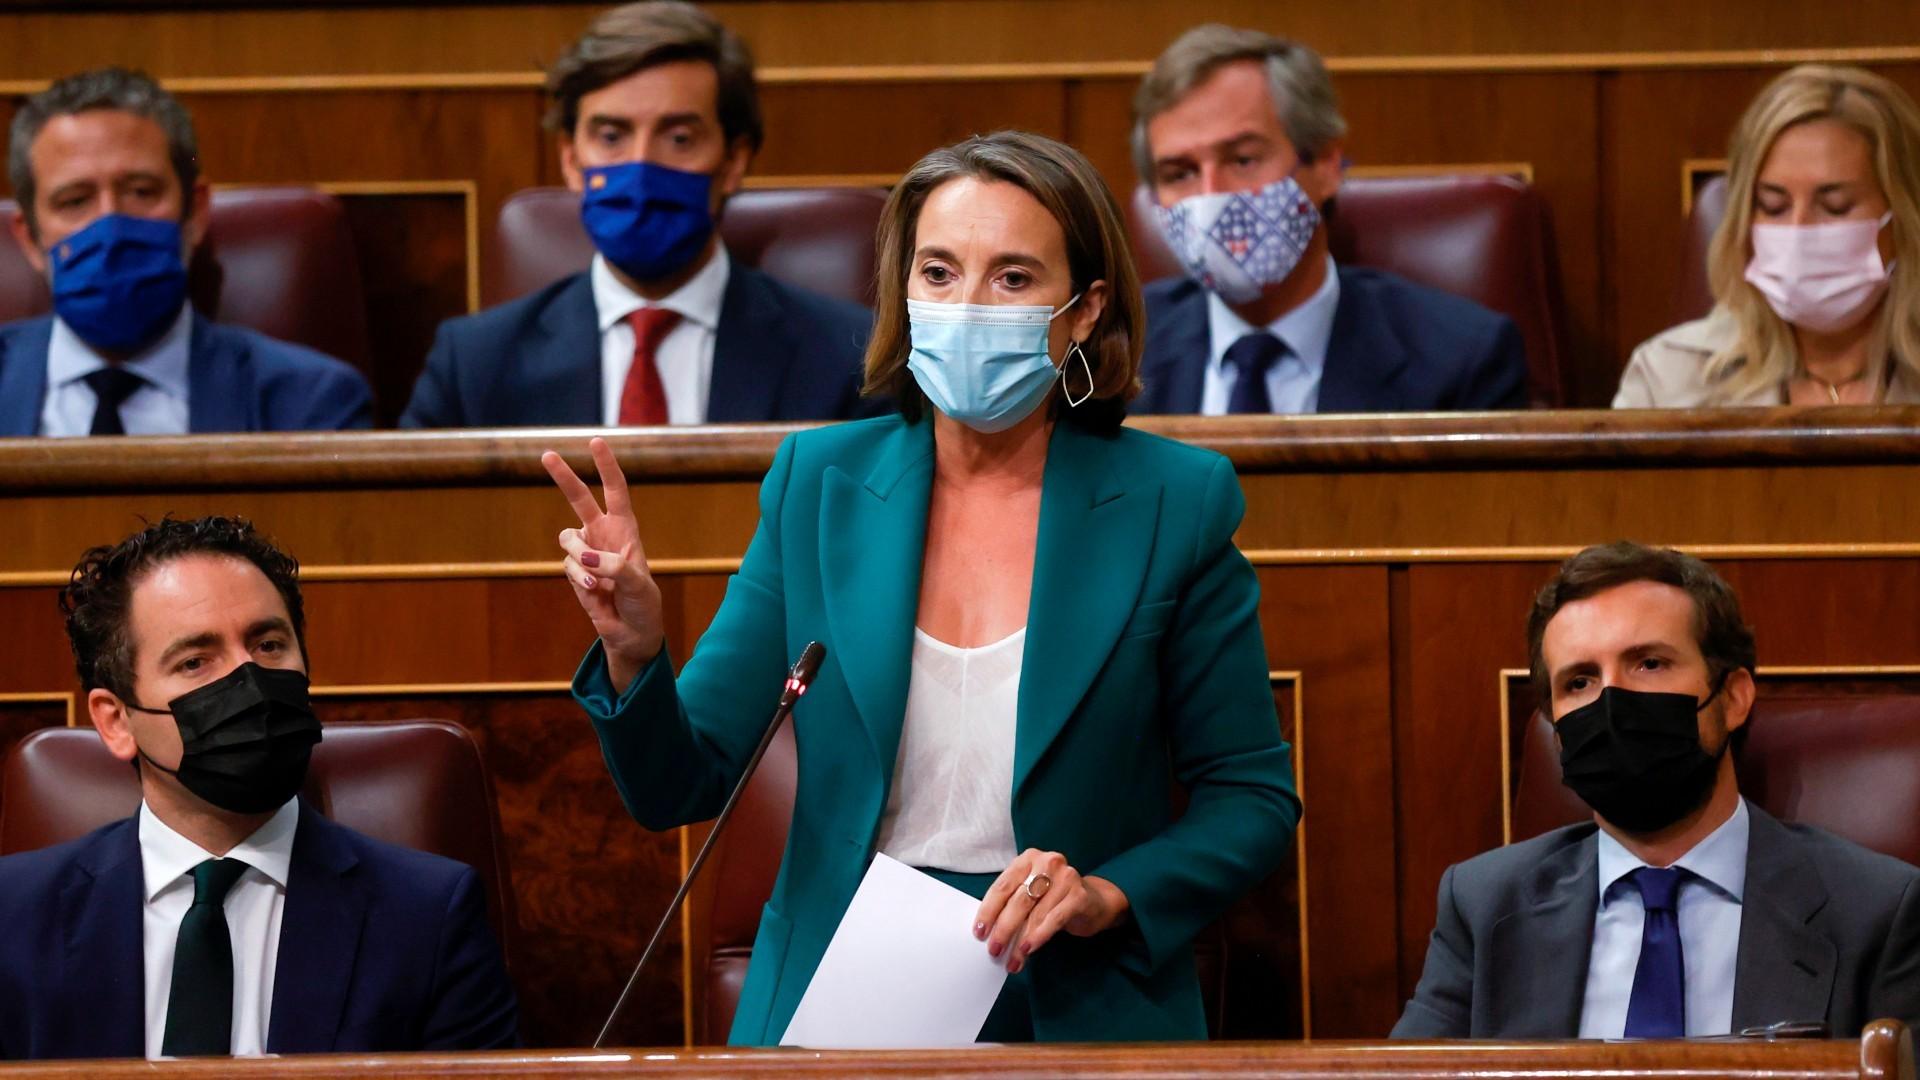 El PP pide la comparecencia de Bolaños y Albares por el  grave escándalo  tras la imputación de Laya